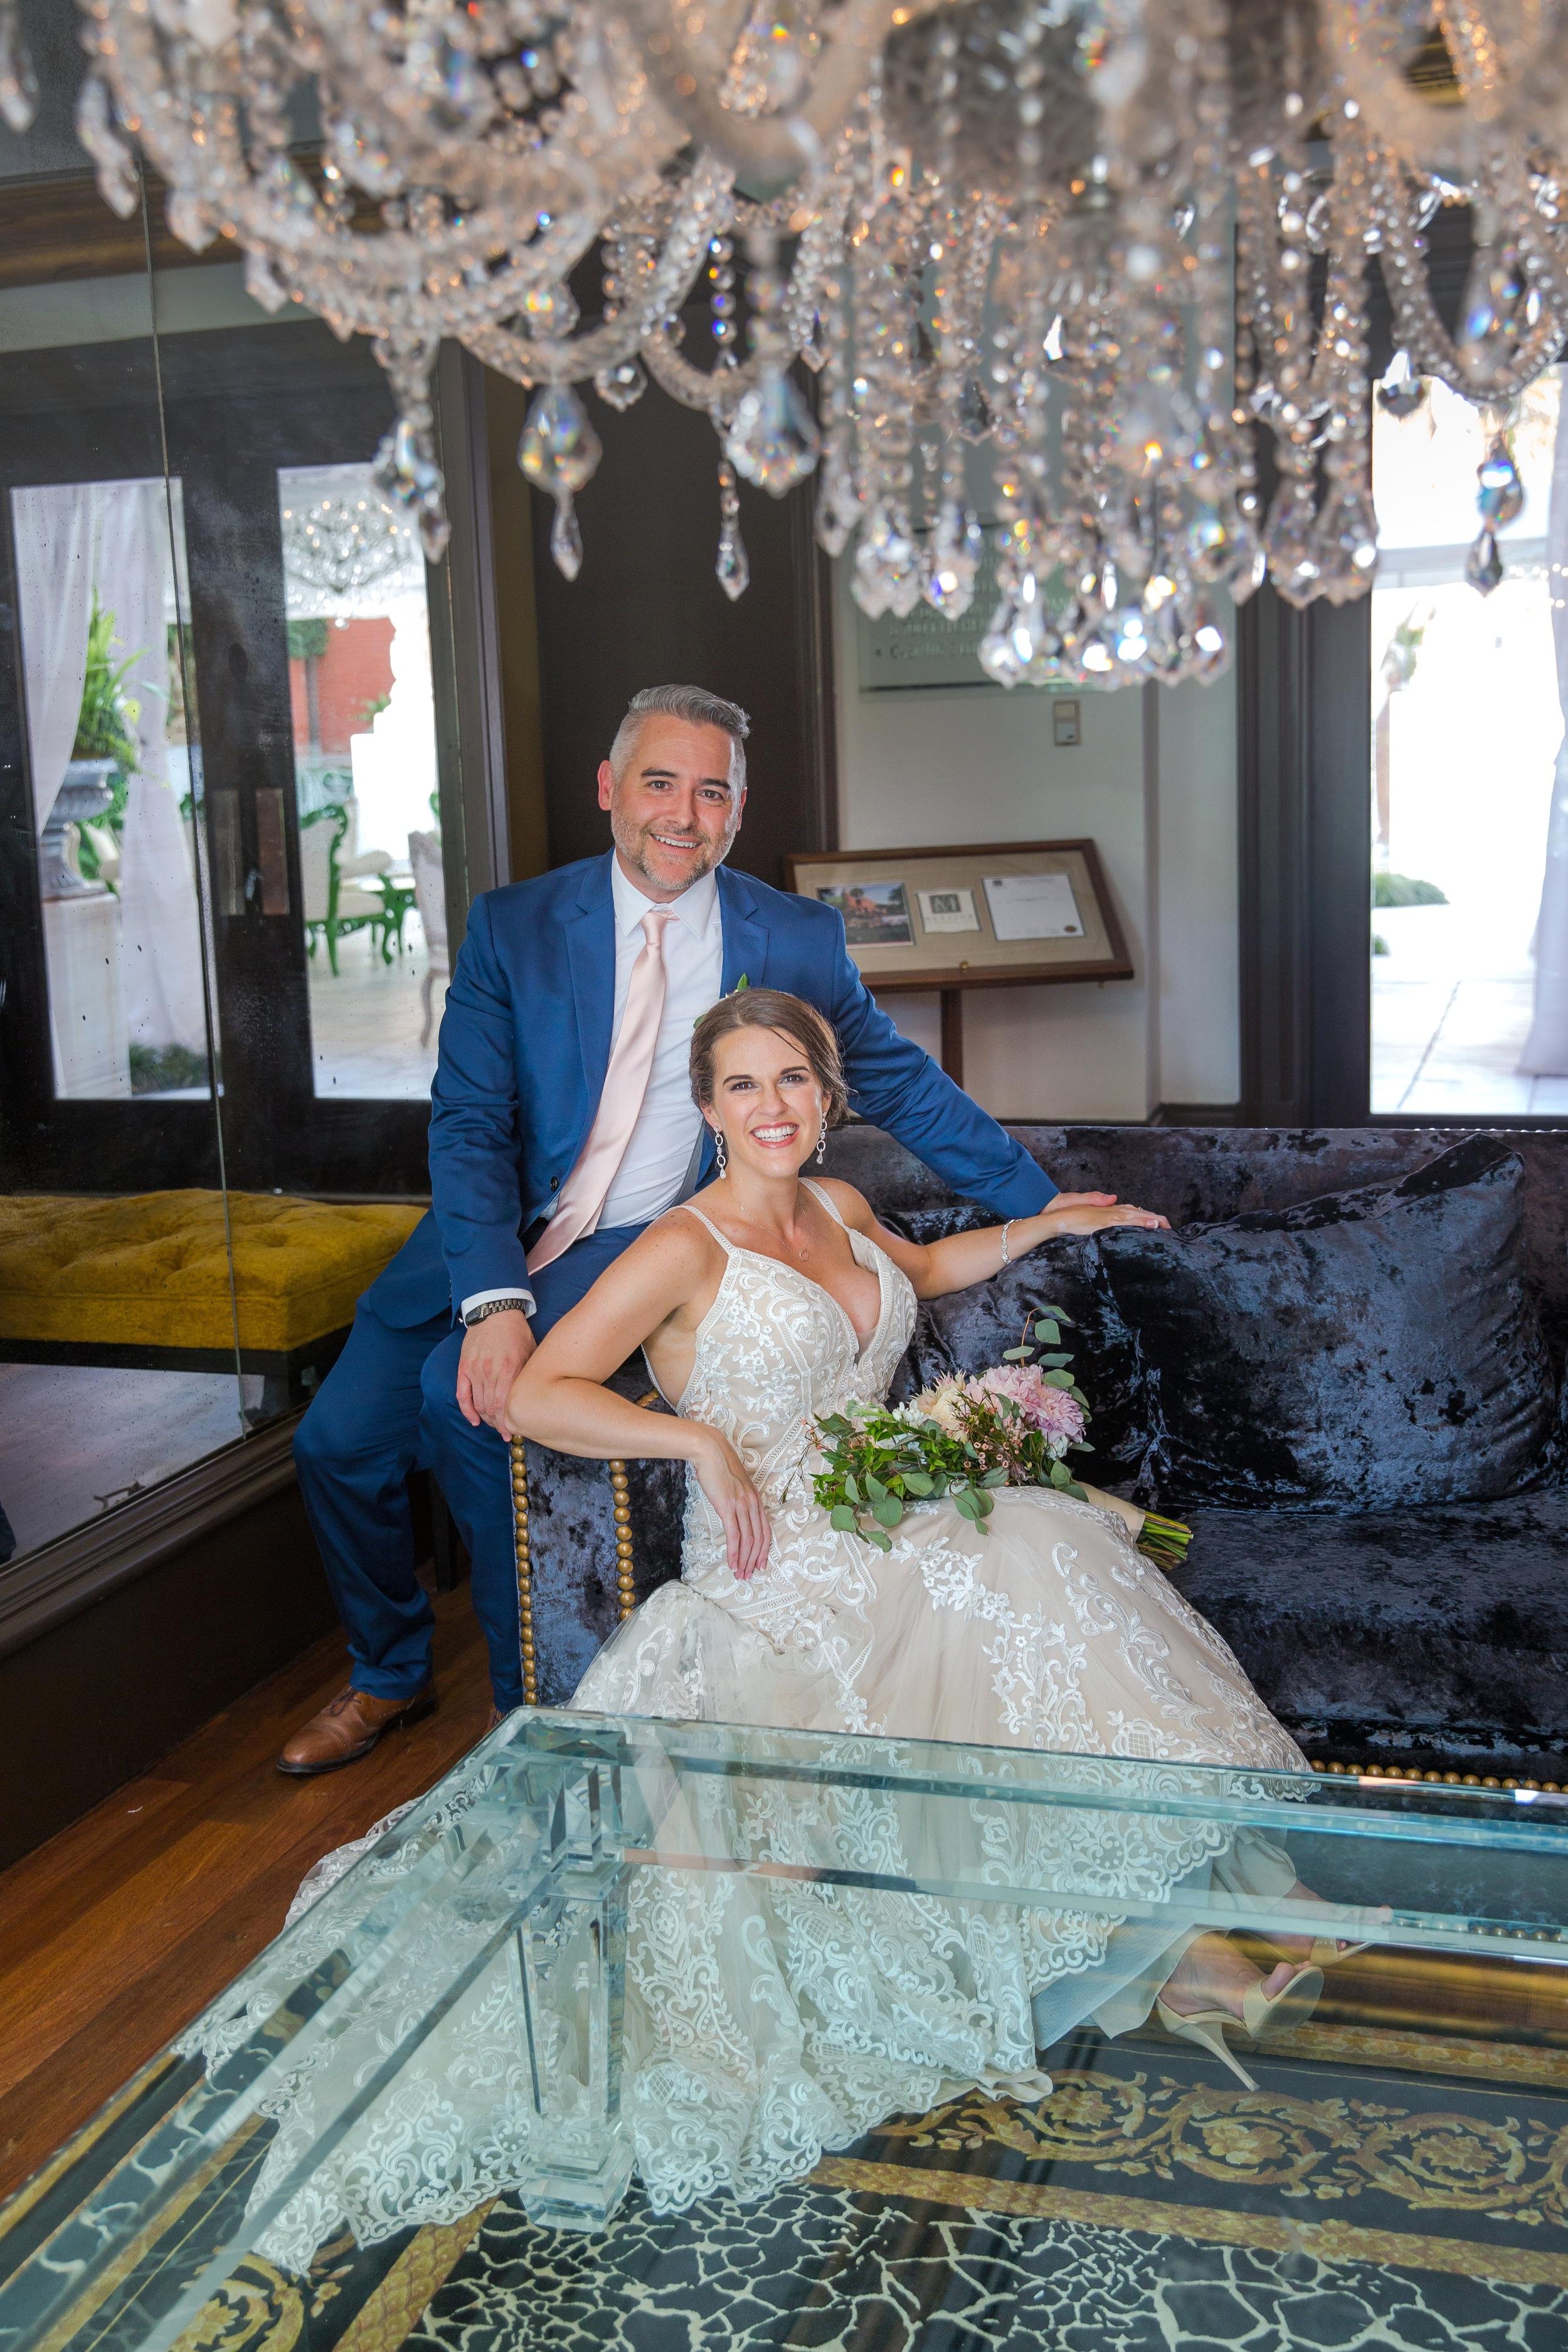 All inclusive wedding package Savannah GA